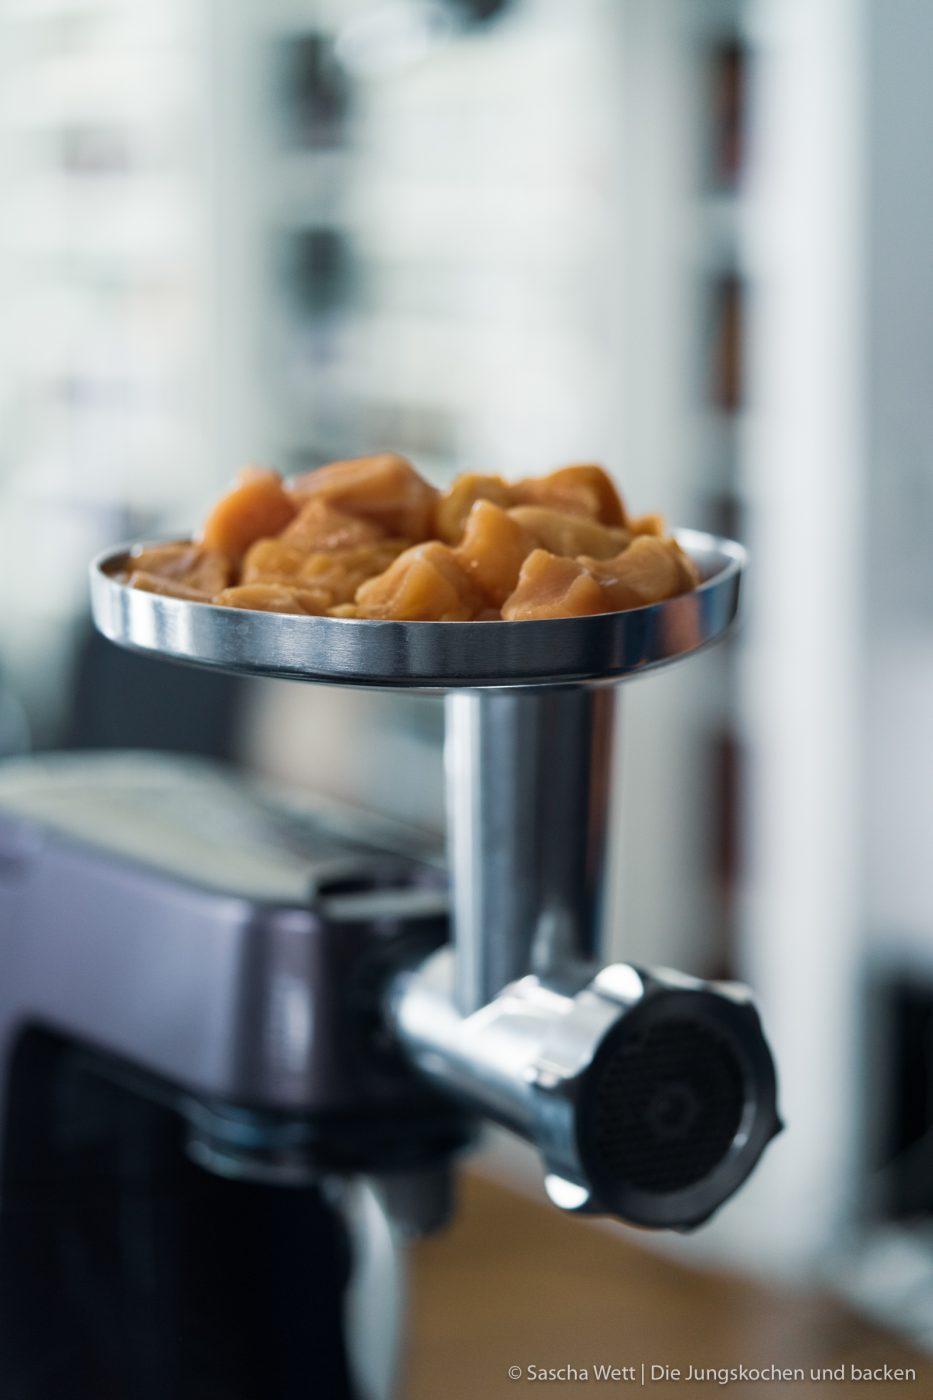 Chicken Peanut Balls ültje pur 1 | Es ist mal wieder Zeit für ein neues Rezept, das wir gemeinsam mit ültje entwickelt haben. Aktuell stehen bestimmt auch viele von euch regelmäßig am Grill und wir dachten, wir zeigen euch ein Knaller-Rezept für eure nächste Grillsession. Unfassbar gute Chicken-Bacon Bombs mit einer würzigen Erdnussfüllung. Da läuft einem doch direkt das Wasser im Mund zusammen, oder?!